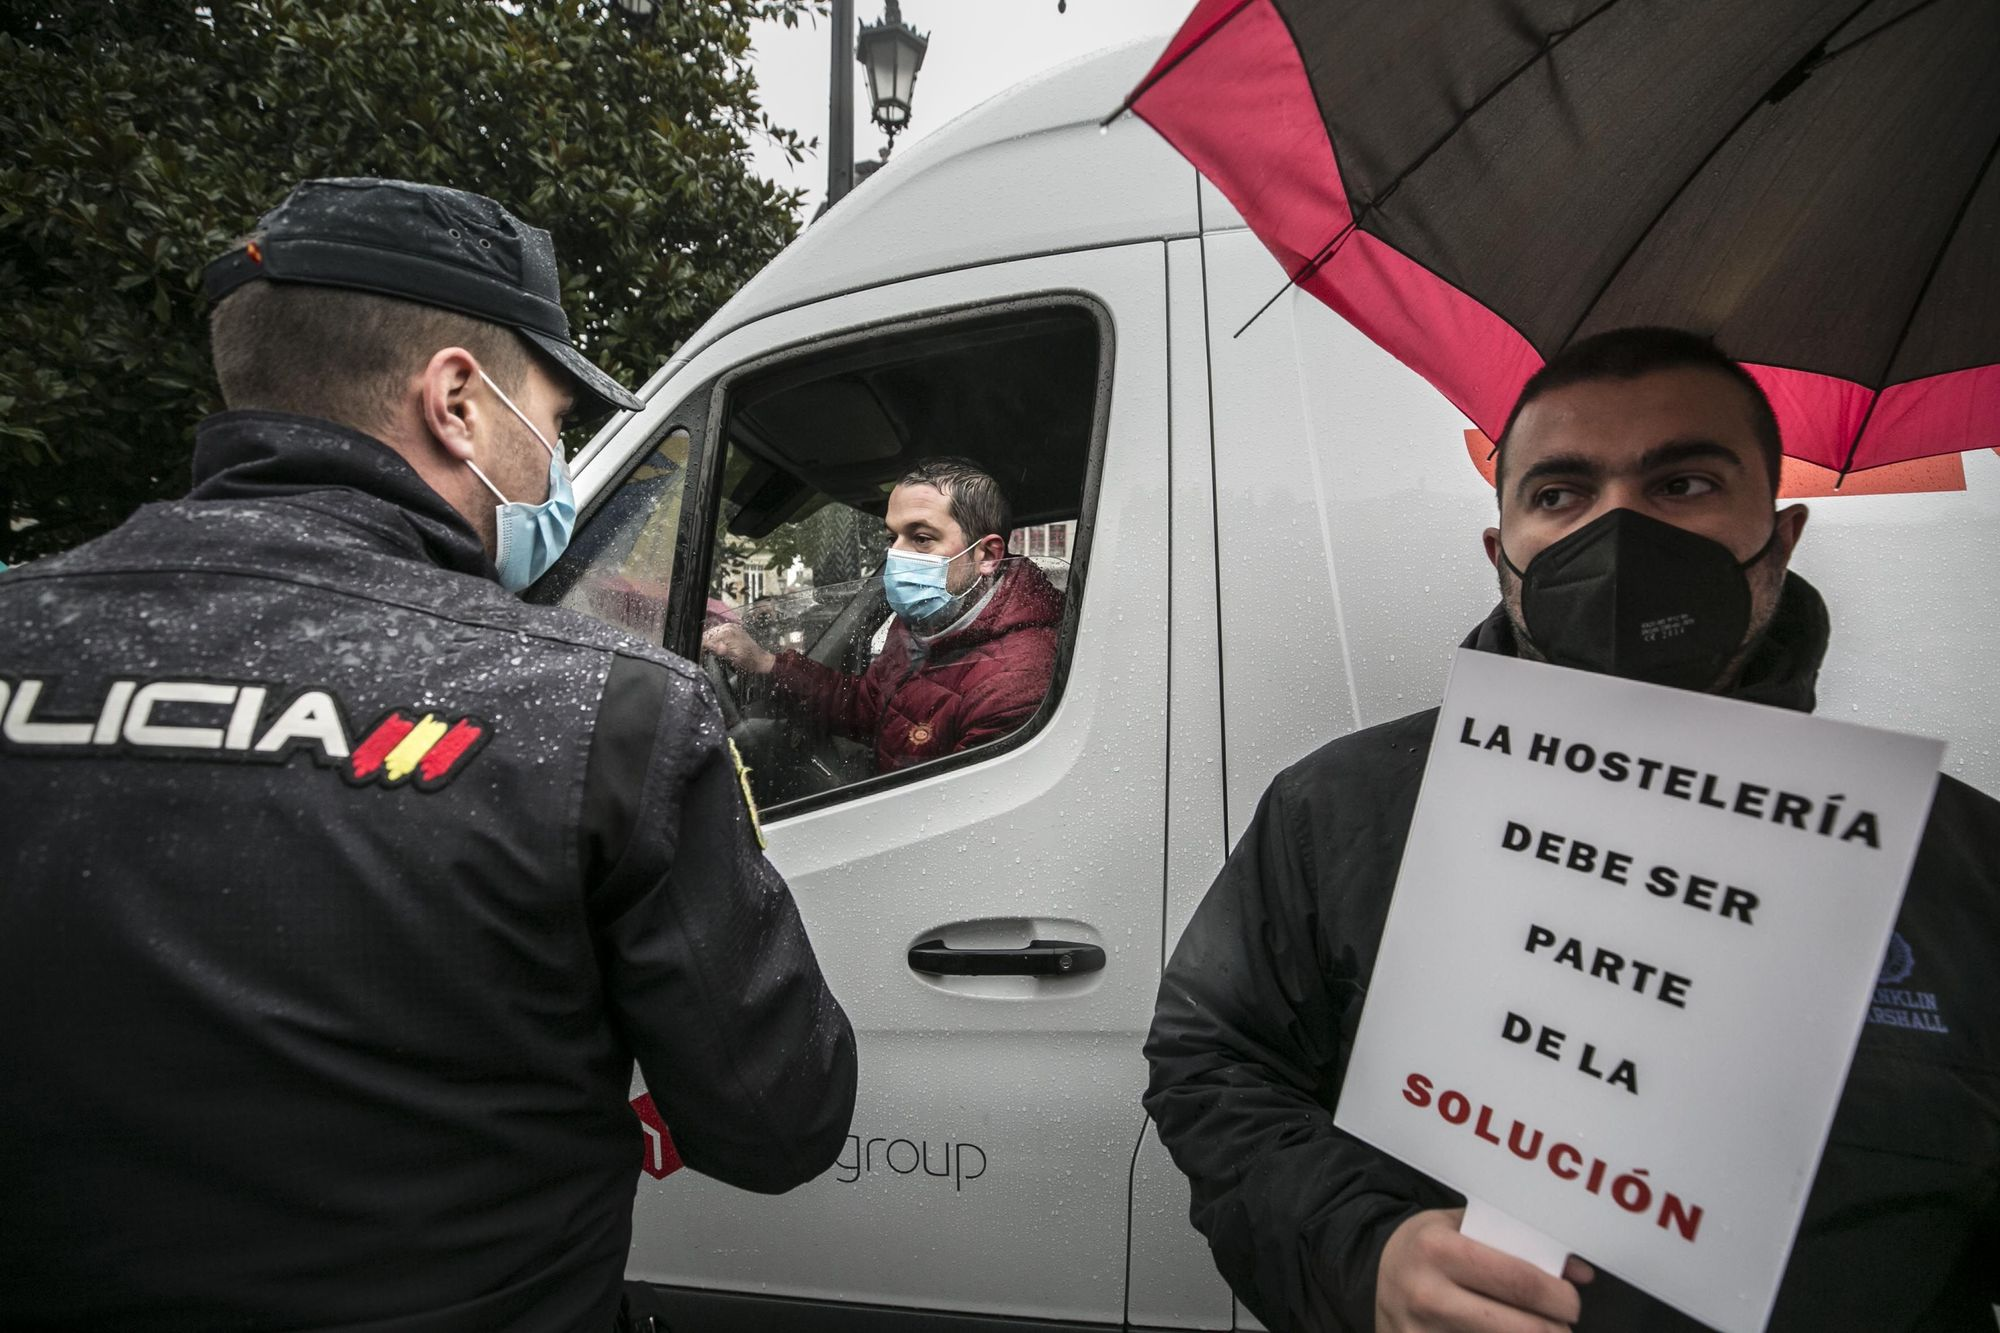 """La hostelería toma las calles y exige """"no perder las cenas de diciembre"""""""